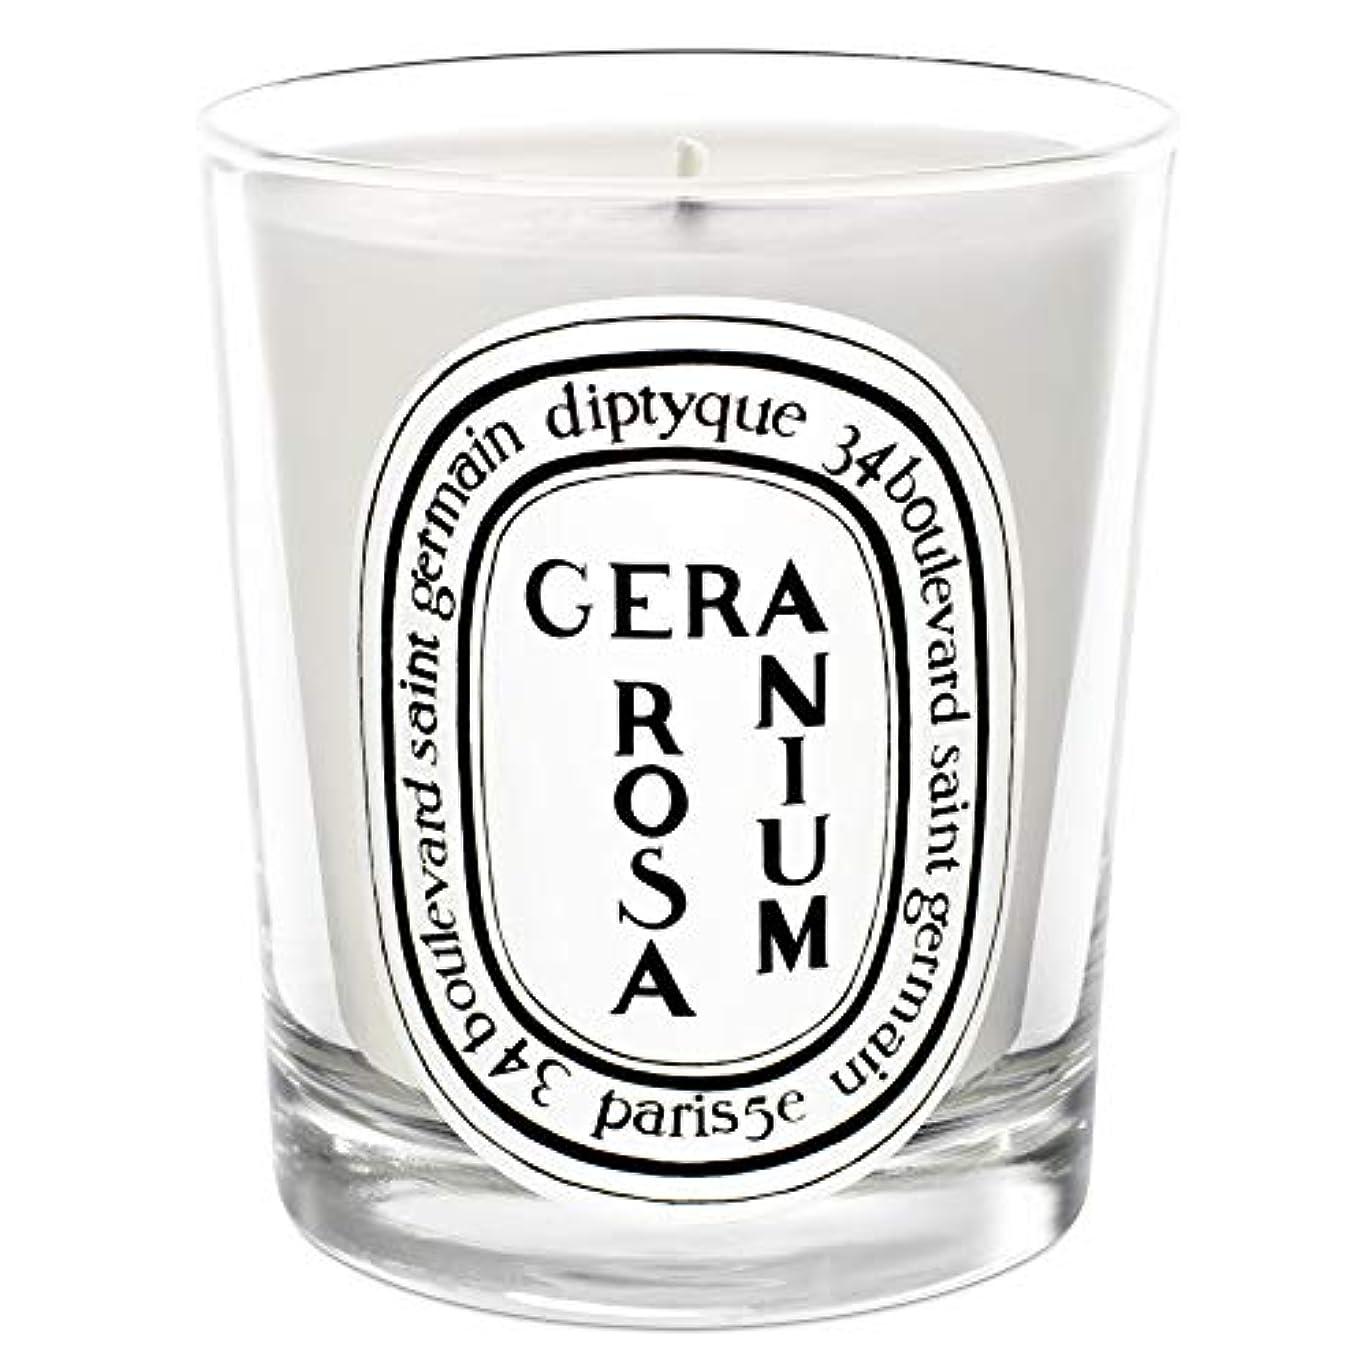 把握もちろん社説[Diptyque] Diptyqueゼラニウムローザ香りのキャンドル190グラム - Diptyque Geranium Rosa Scented Candle 190g [並行輸入品]